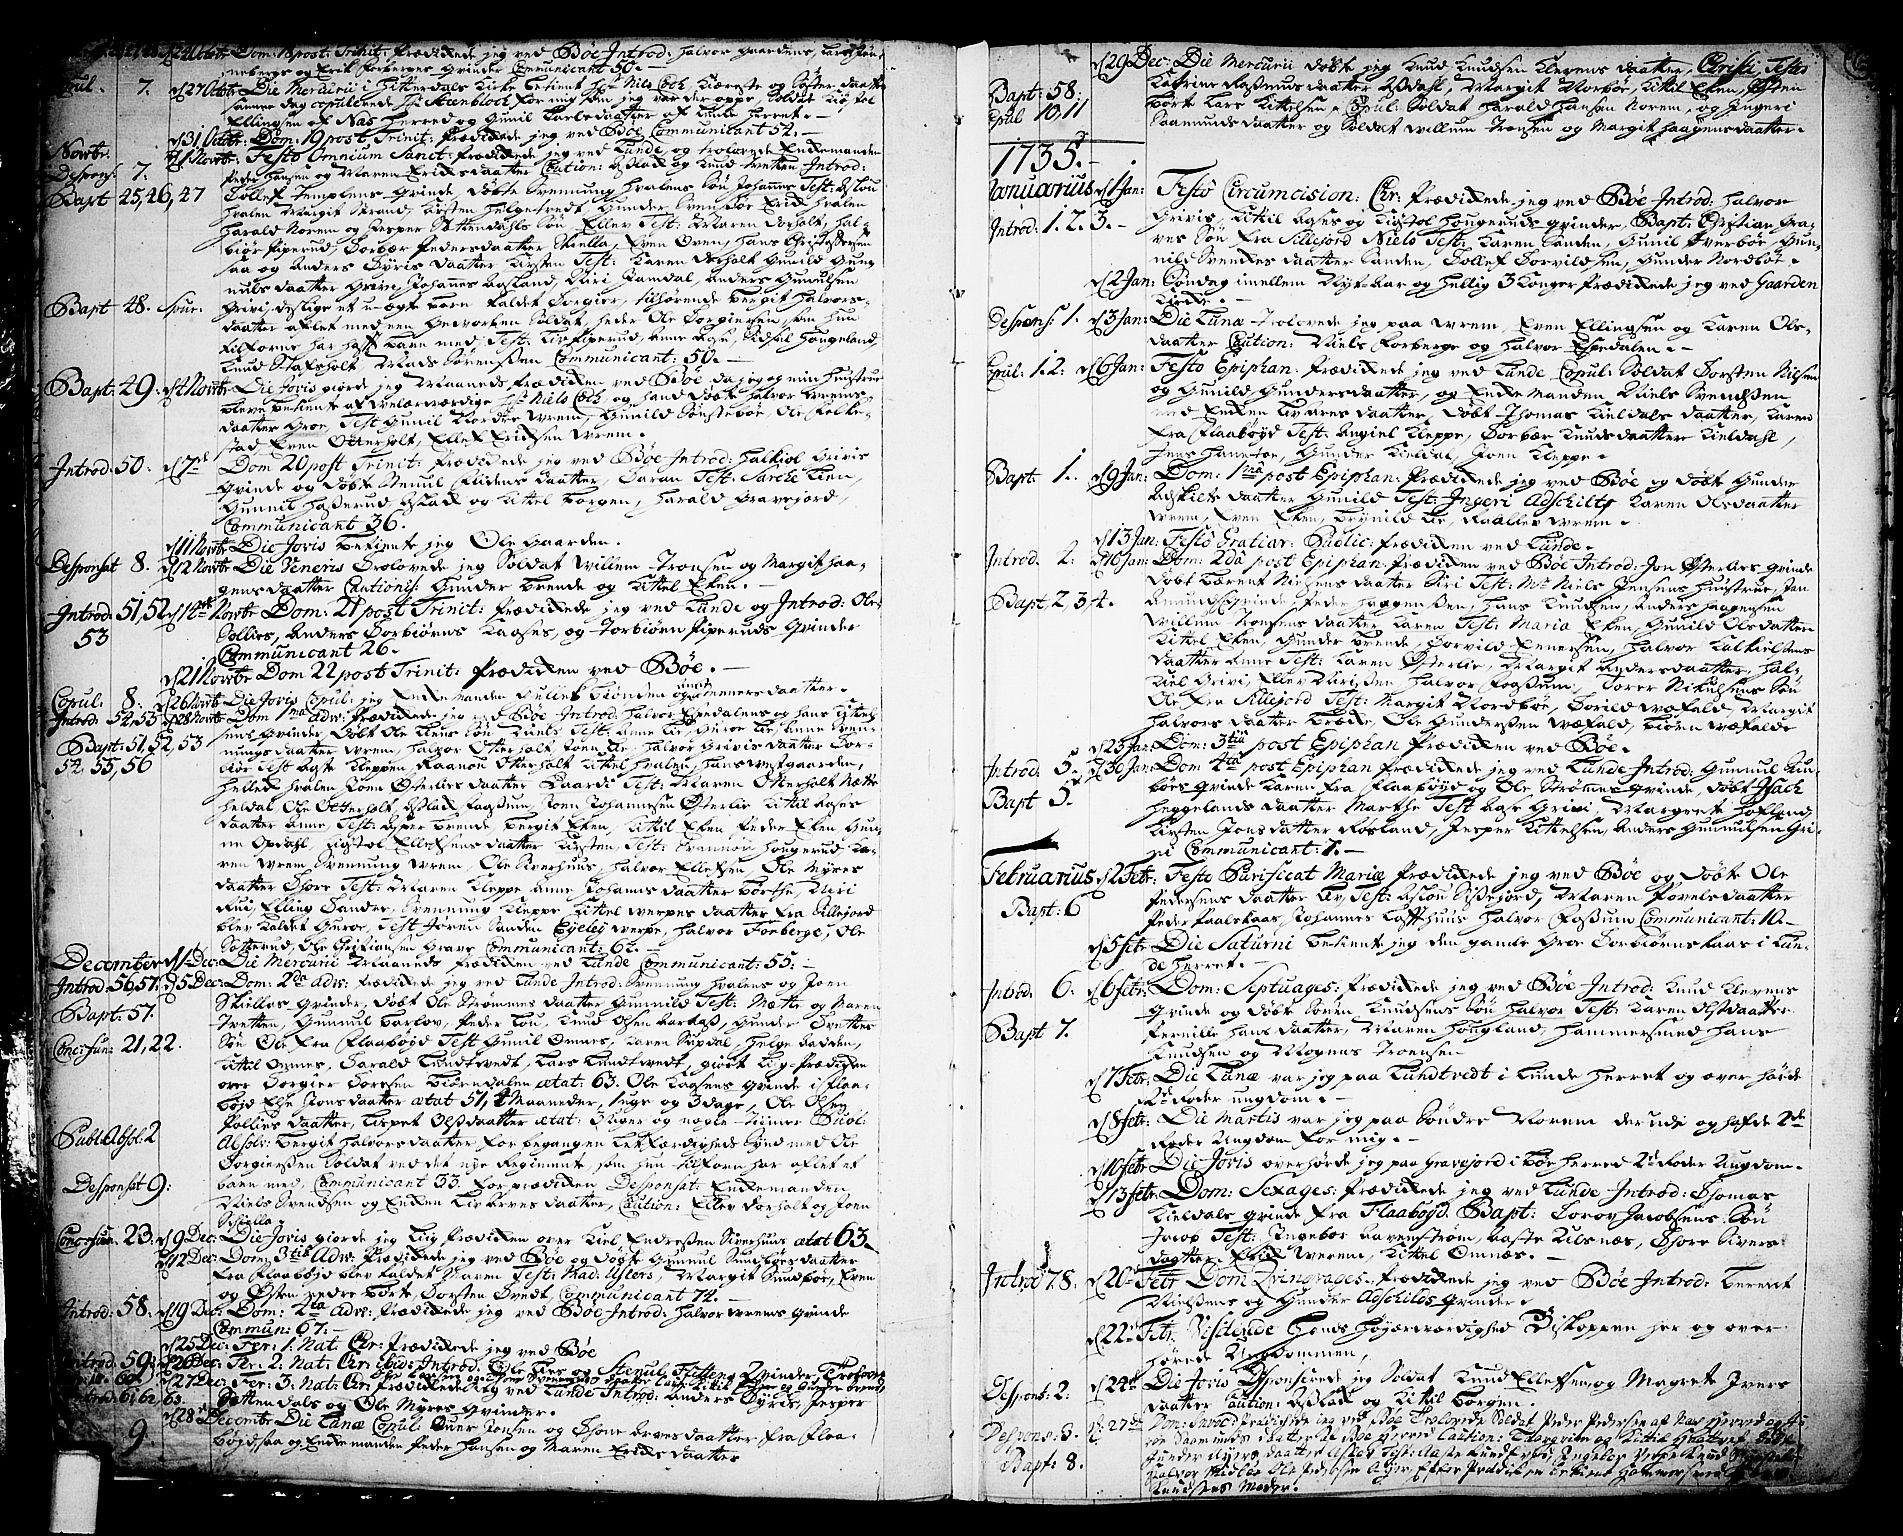 SAKO, Bø kirkebøker, F/Fa/L0003: Ministerialbok nr. 3, 1733-1748, s. 6